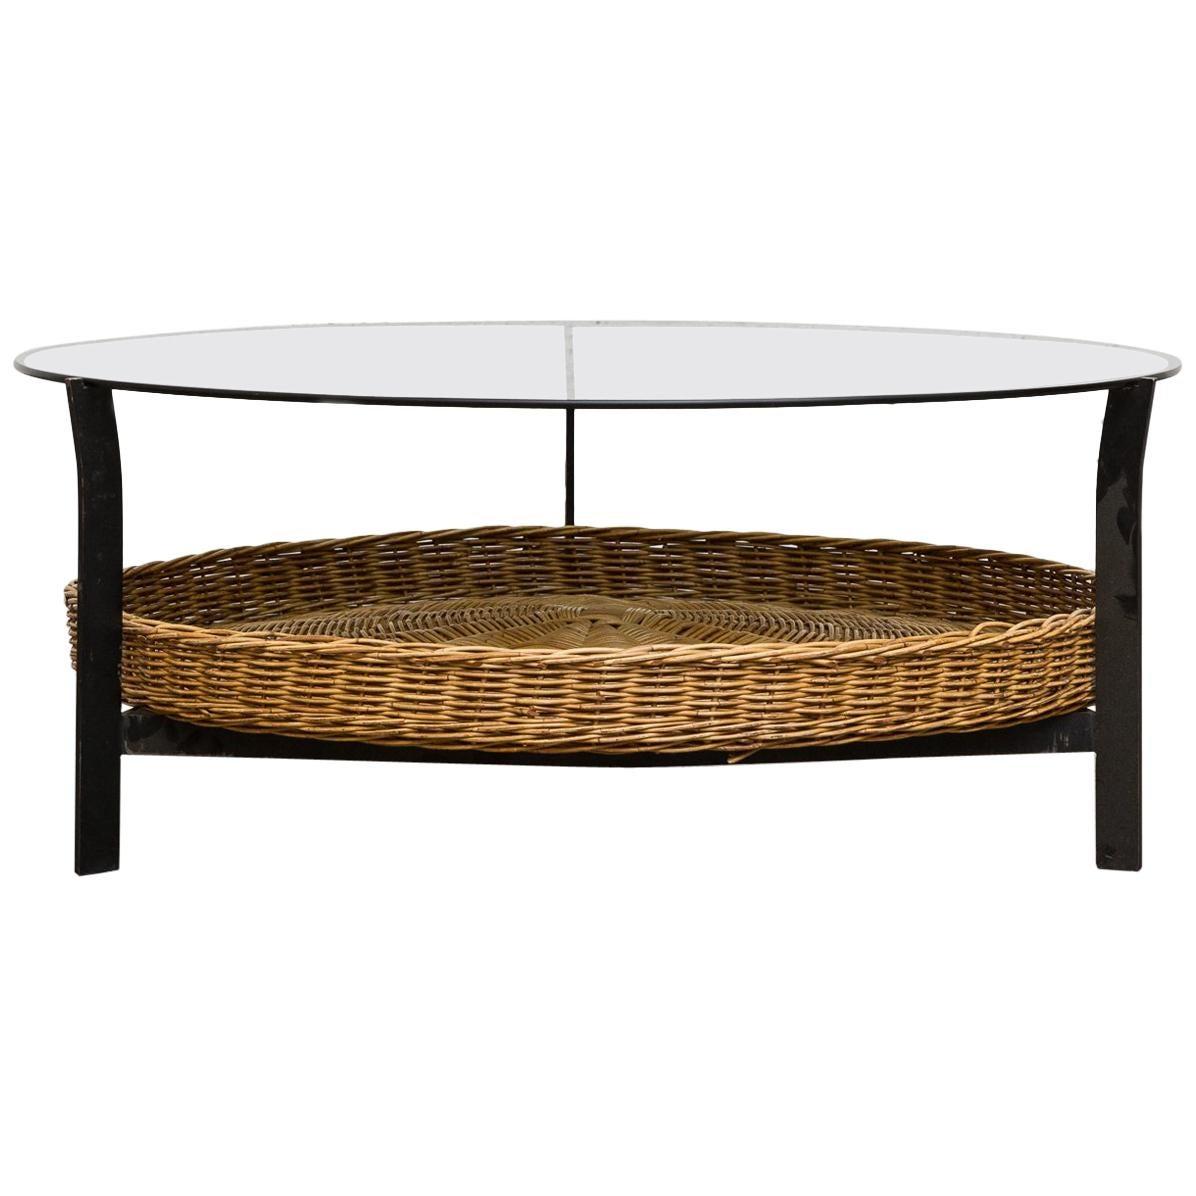 Rattan And Glass Circular Coffee Table